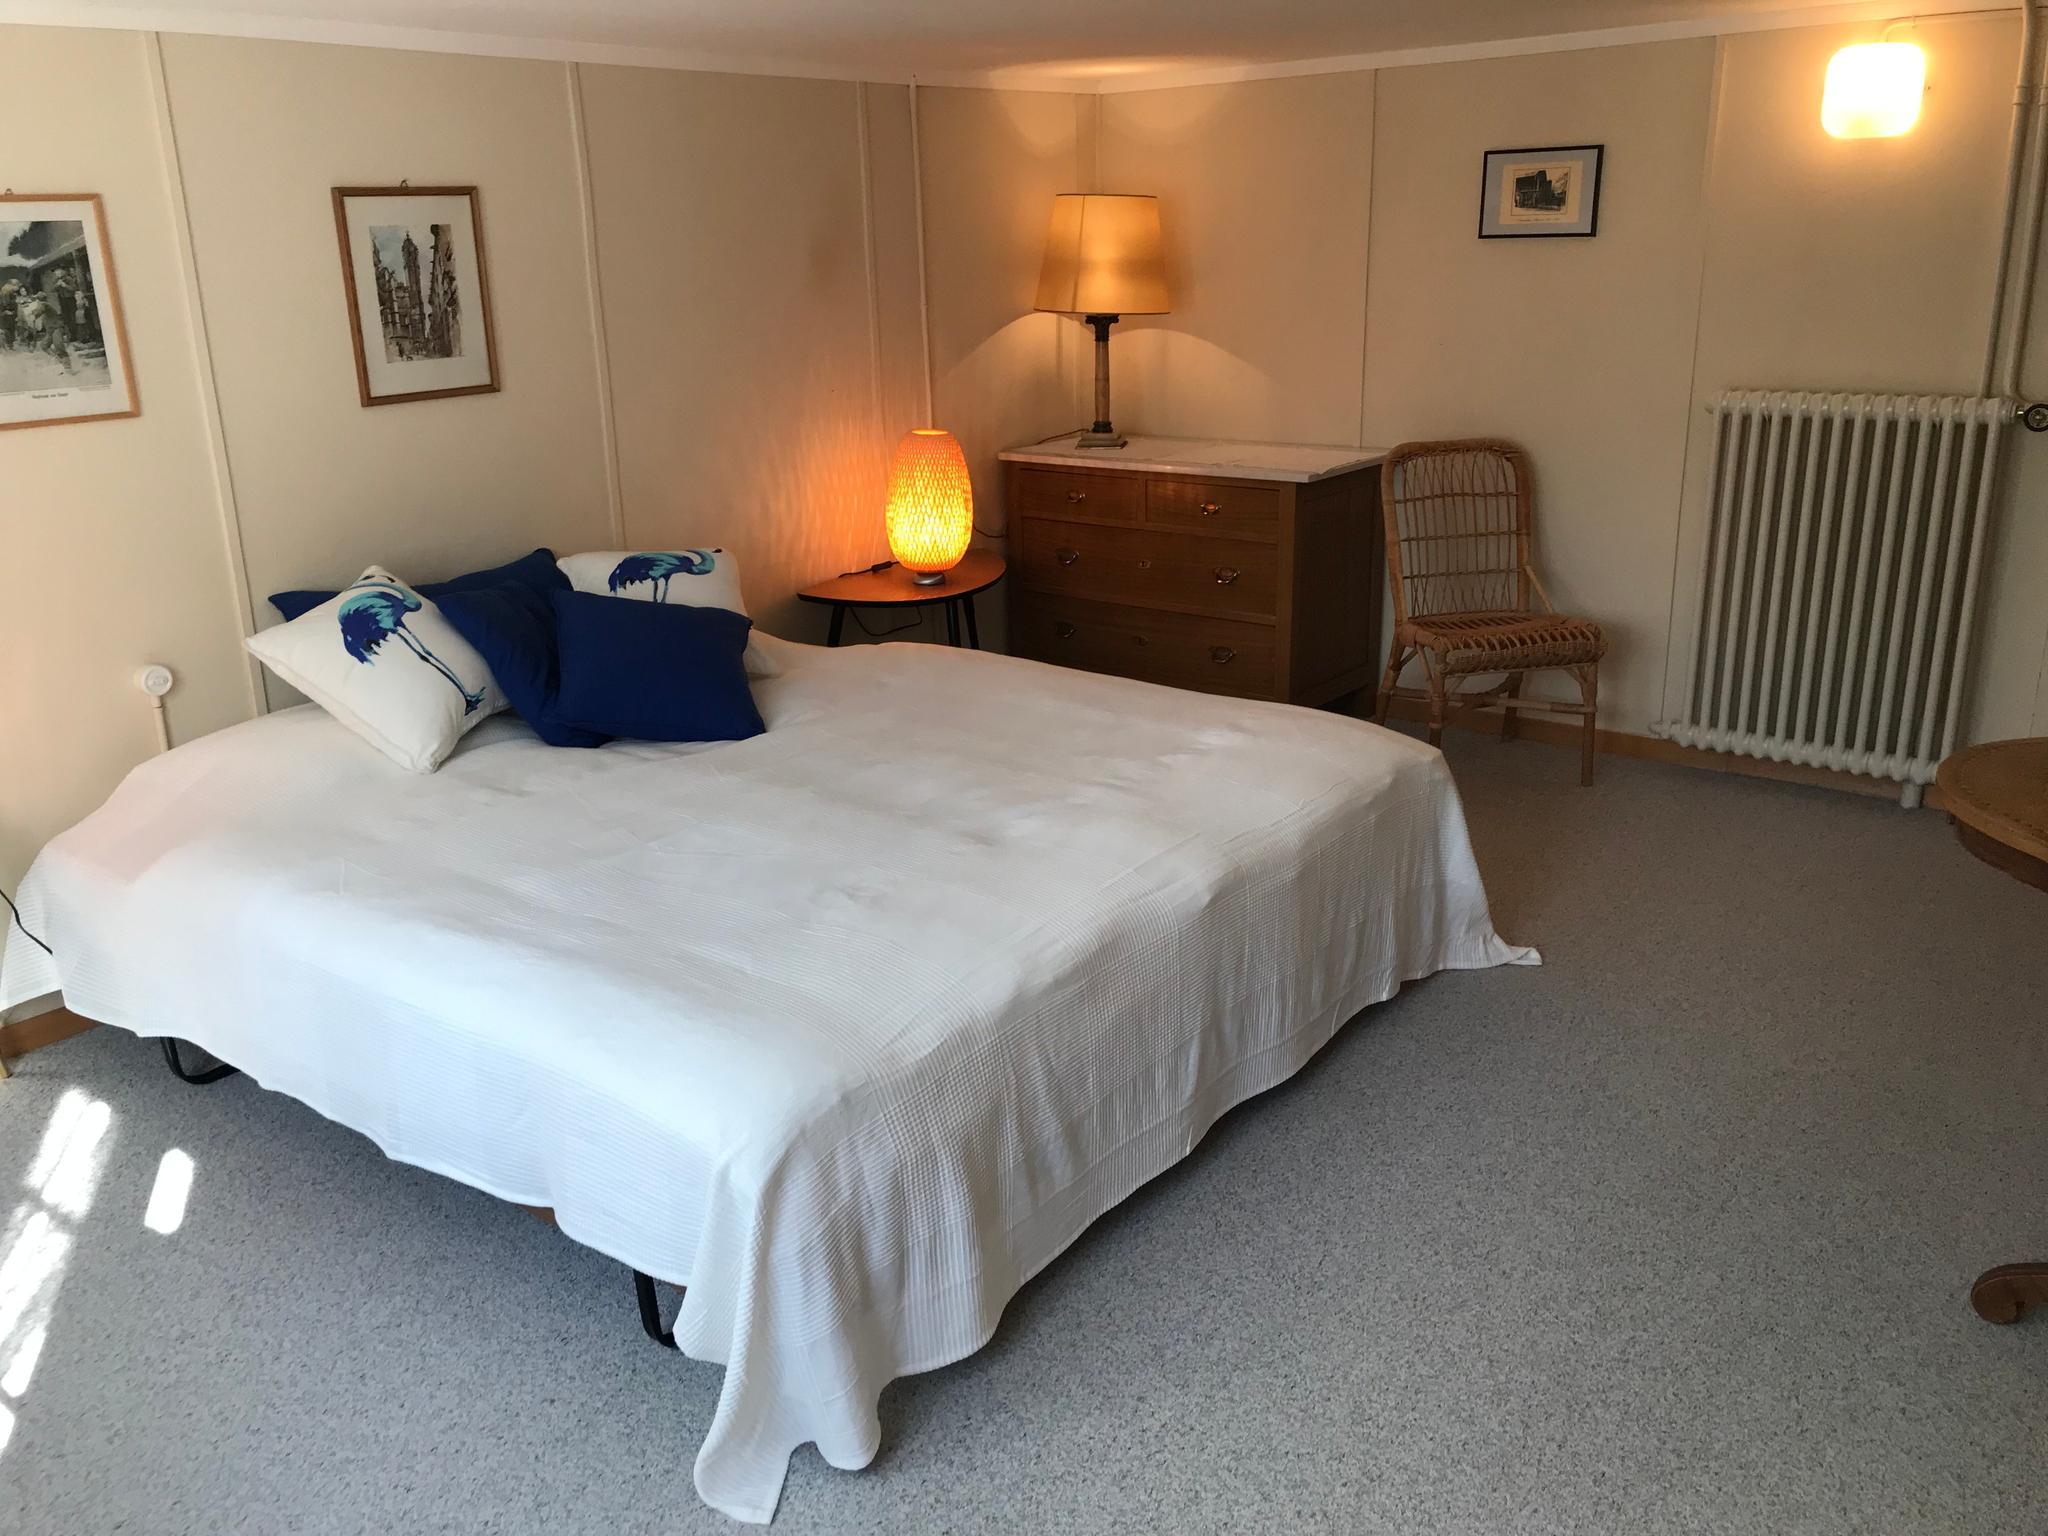 Appartement de vacances Chalet Alpenblick 4-Bett Wohnung Obj. M6008 (2652060), Mürren, Région de la Jungfrau, Oberland bernois, Suisse, image 9